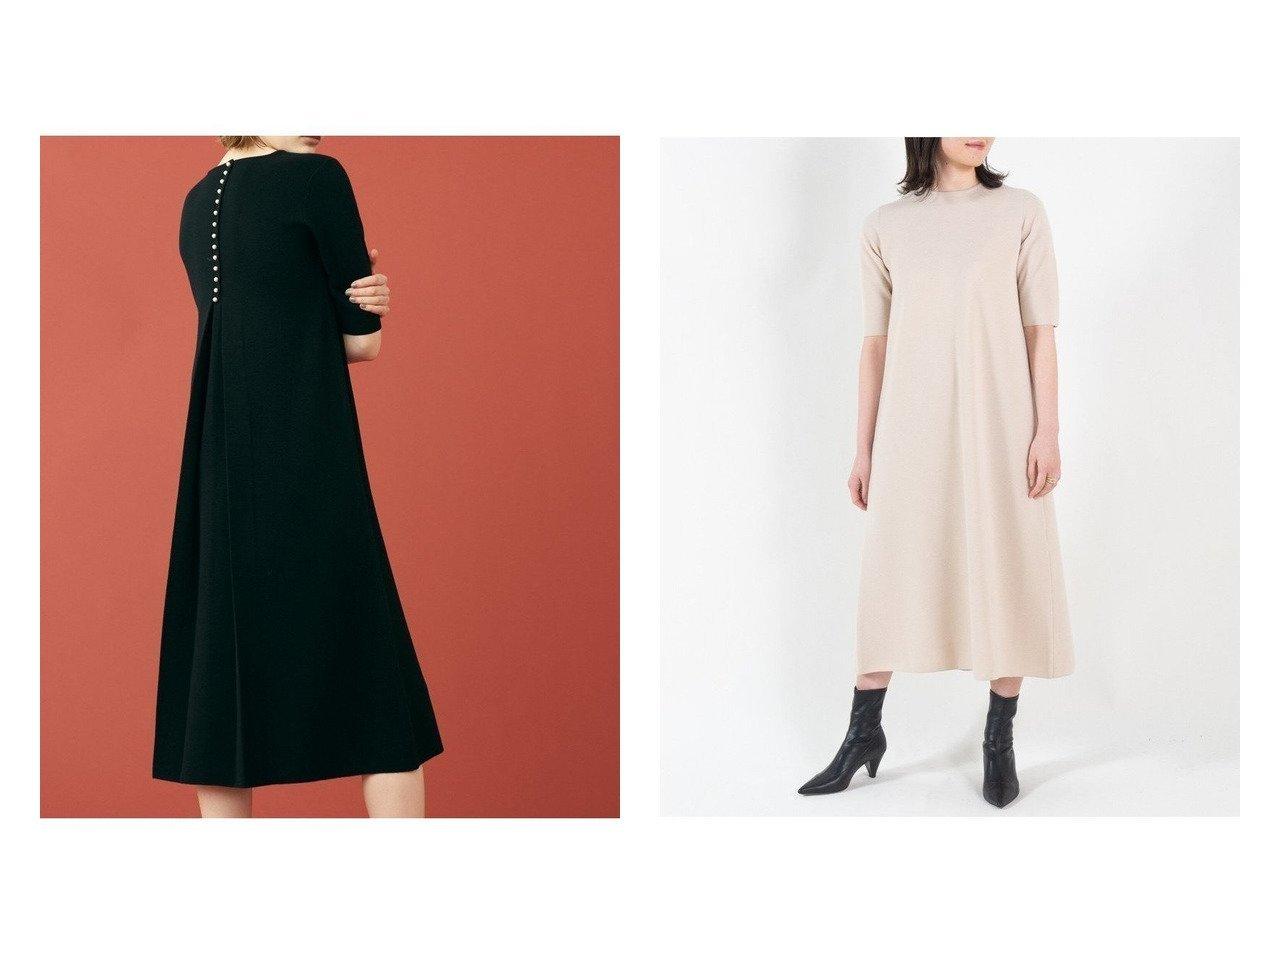 【TOMORROWLAND BALLSEY/トゥモローランド ボールジー】のウールバックパールボタン フレアワンピース ワンピース・ドレスのおすすめ!人気、トレンド・レディースファッションの通販 おすすめで人気の流行・トレンド、ファッションの通販商品 メンズファッション・キッズファッション・インテリア・家具・レディースファッション・服の通販 founy(ファニー) https://founy.com/ ファッション Fashion レディースファッション WOMEN ワンピース Dress ニットワンピース Knit Dresses 2020年 2020 2020-2021 秋冬 A/W AW Autumn/Winter / FW Fall-Winter 2020-2021 A/W 秋冬 AW Autumn/Winter / FW Fall-Winter エレガント クラシカル シューズ スリーブ ハーフ バランス パール フェミニン フラット フレア ロング  ID:crp329100000015477